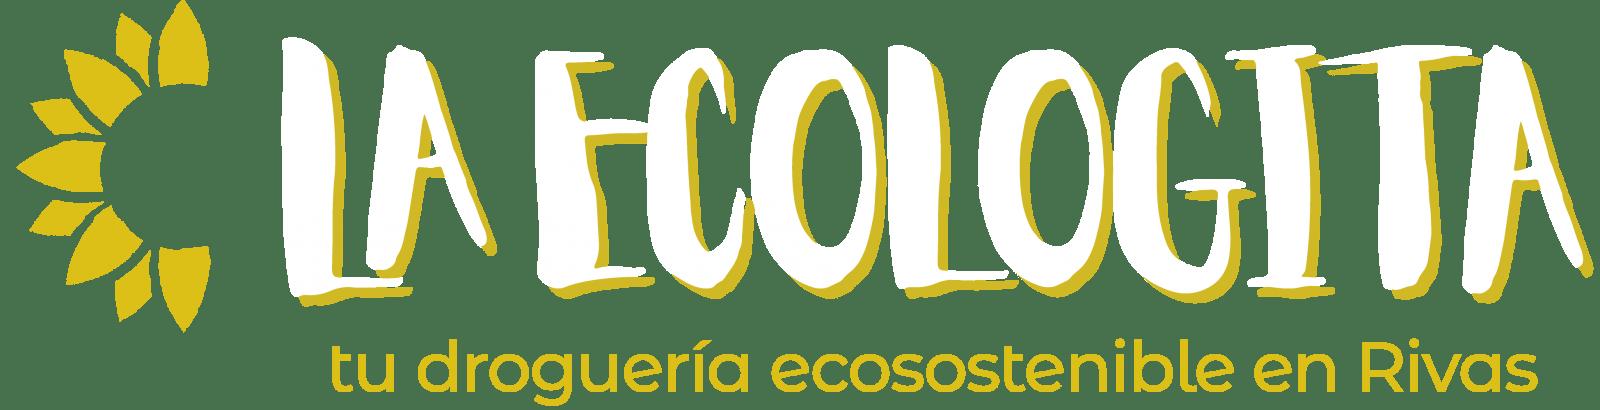 La Ecologita – 4eco Rivas